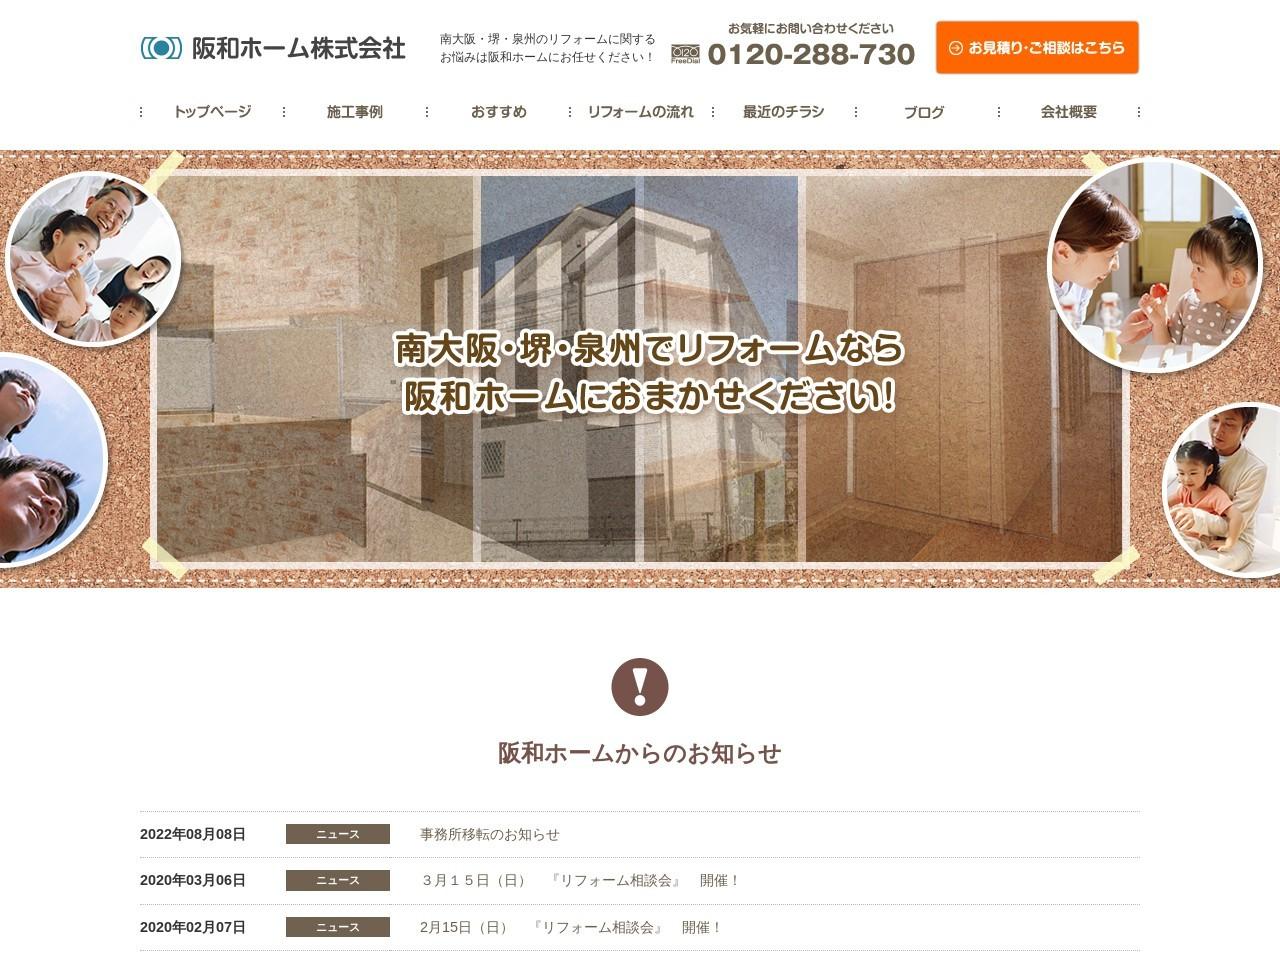 阪和ホーム株式会社